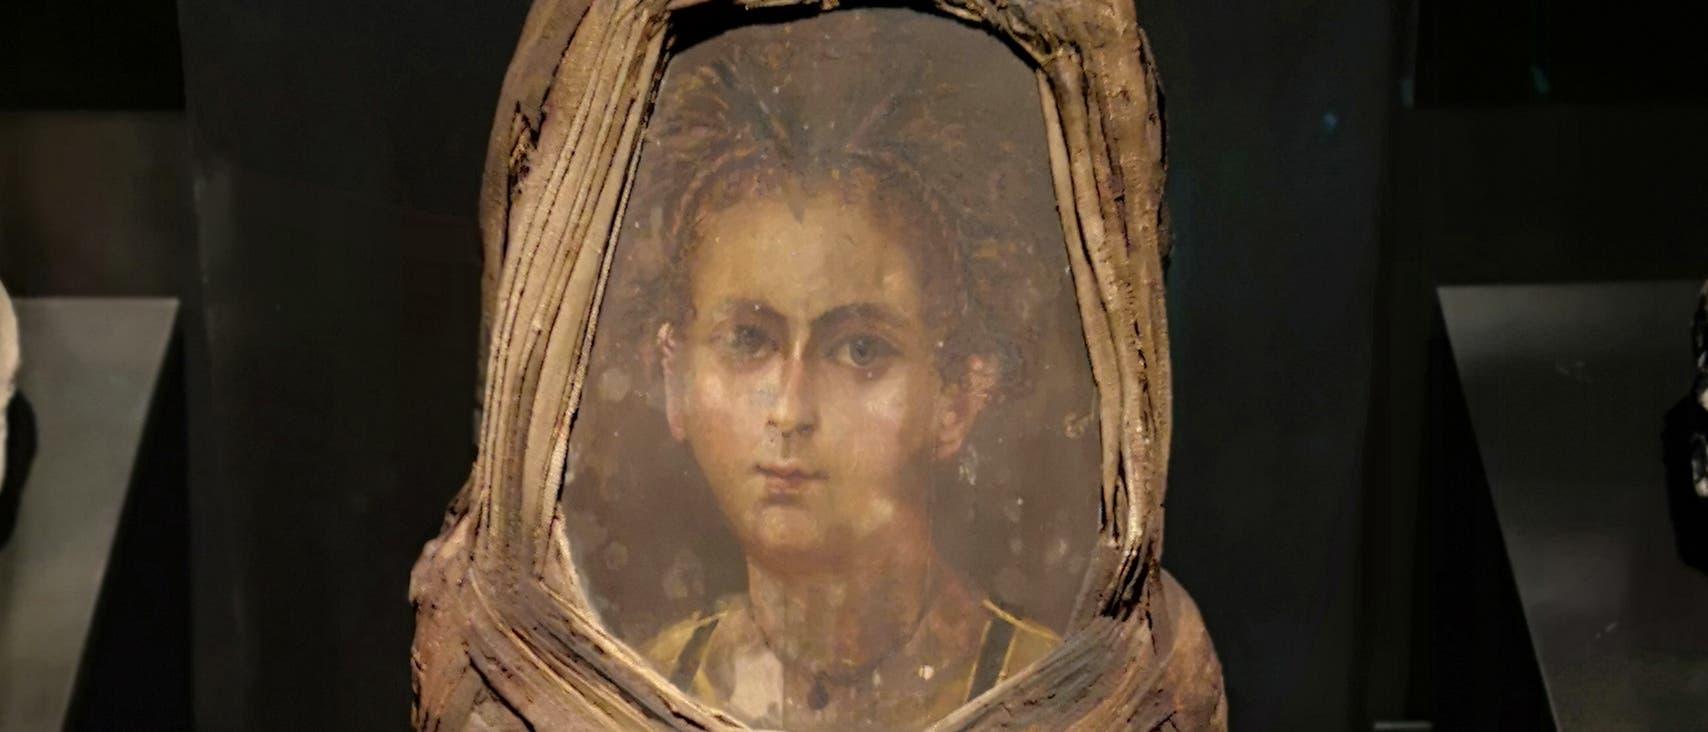 Das Münchner Mumienporträt datiert um die Zeit 80 n. Chr.